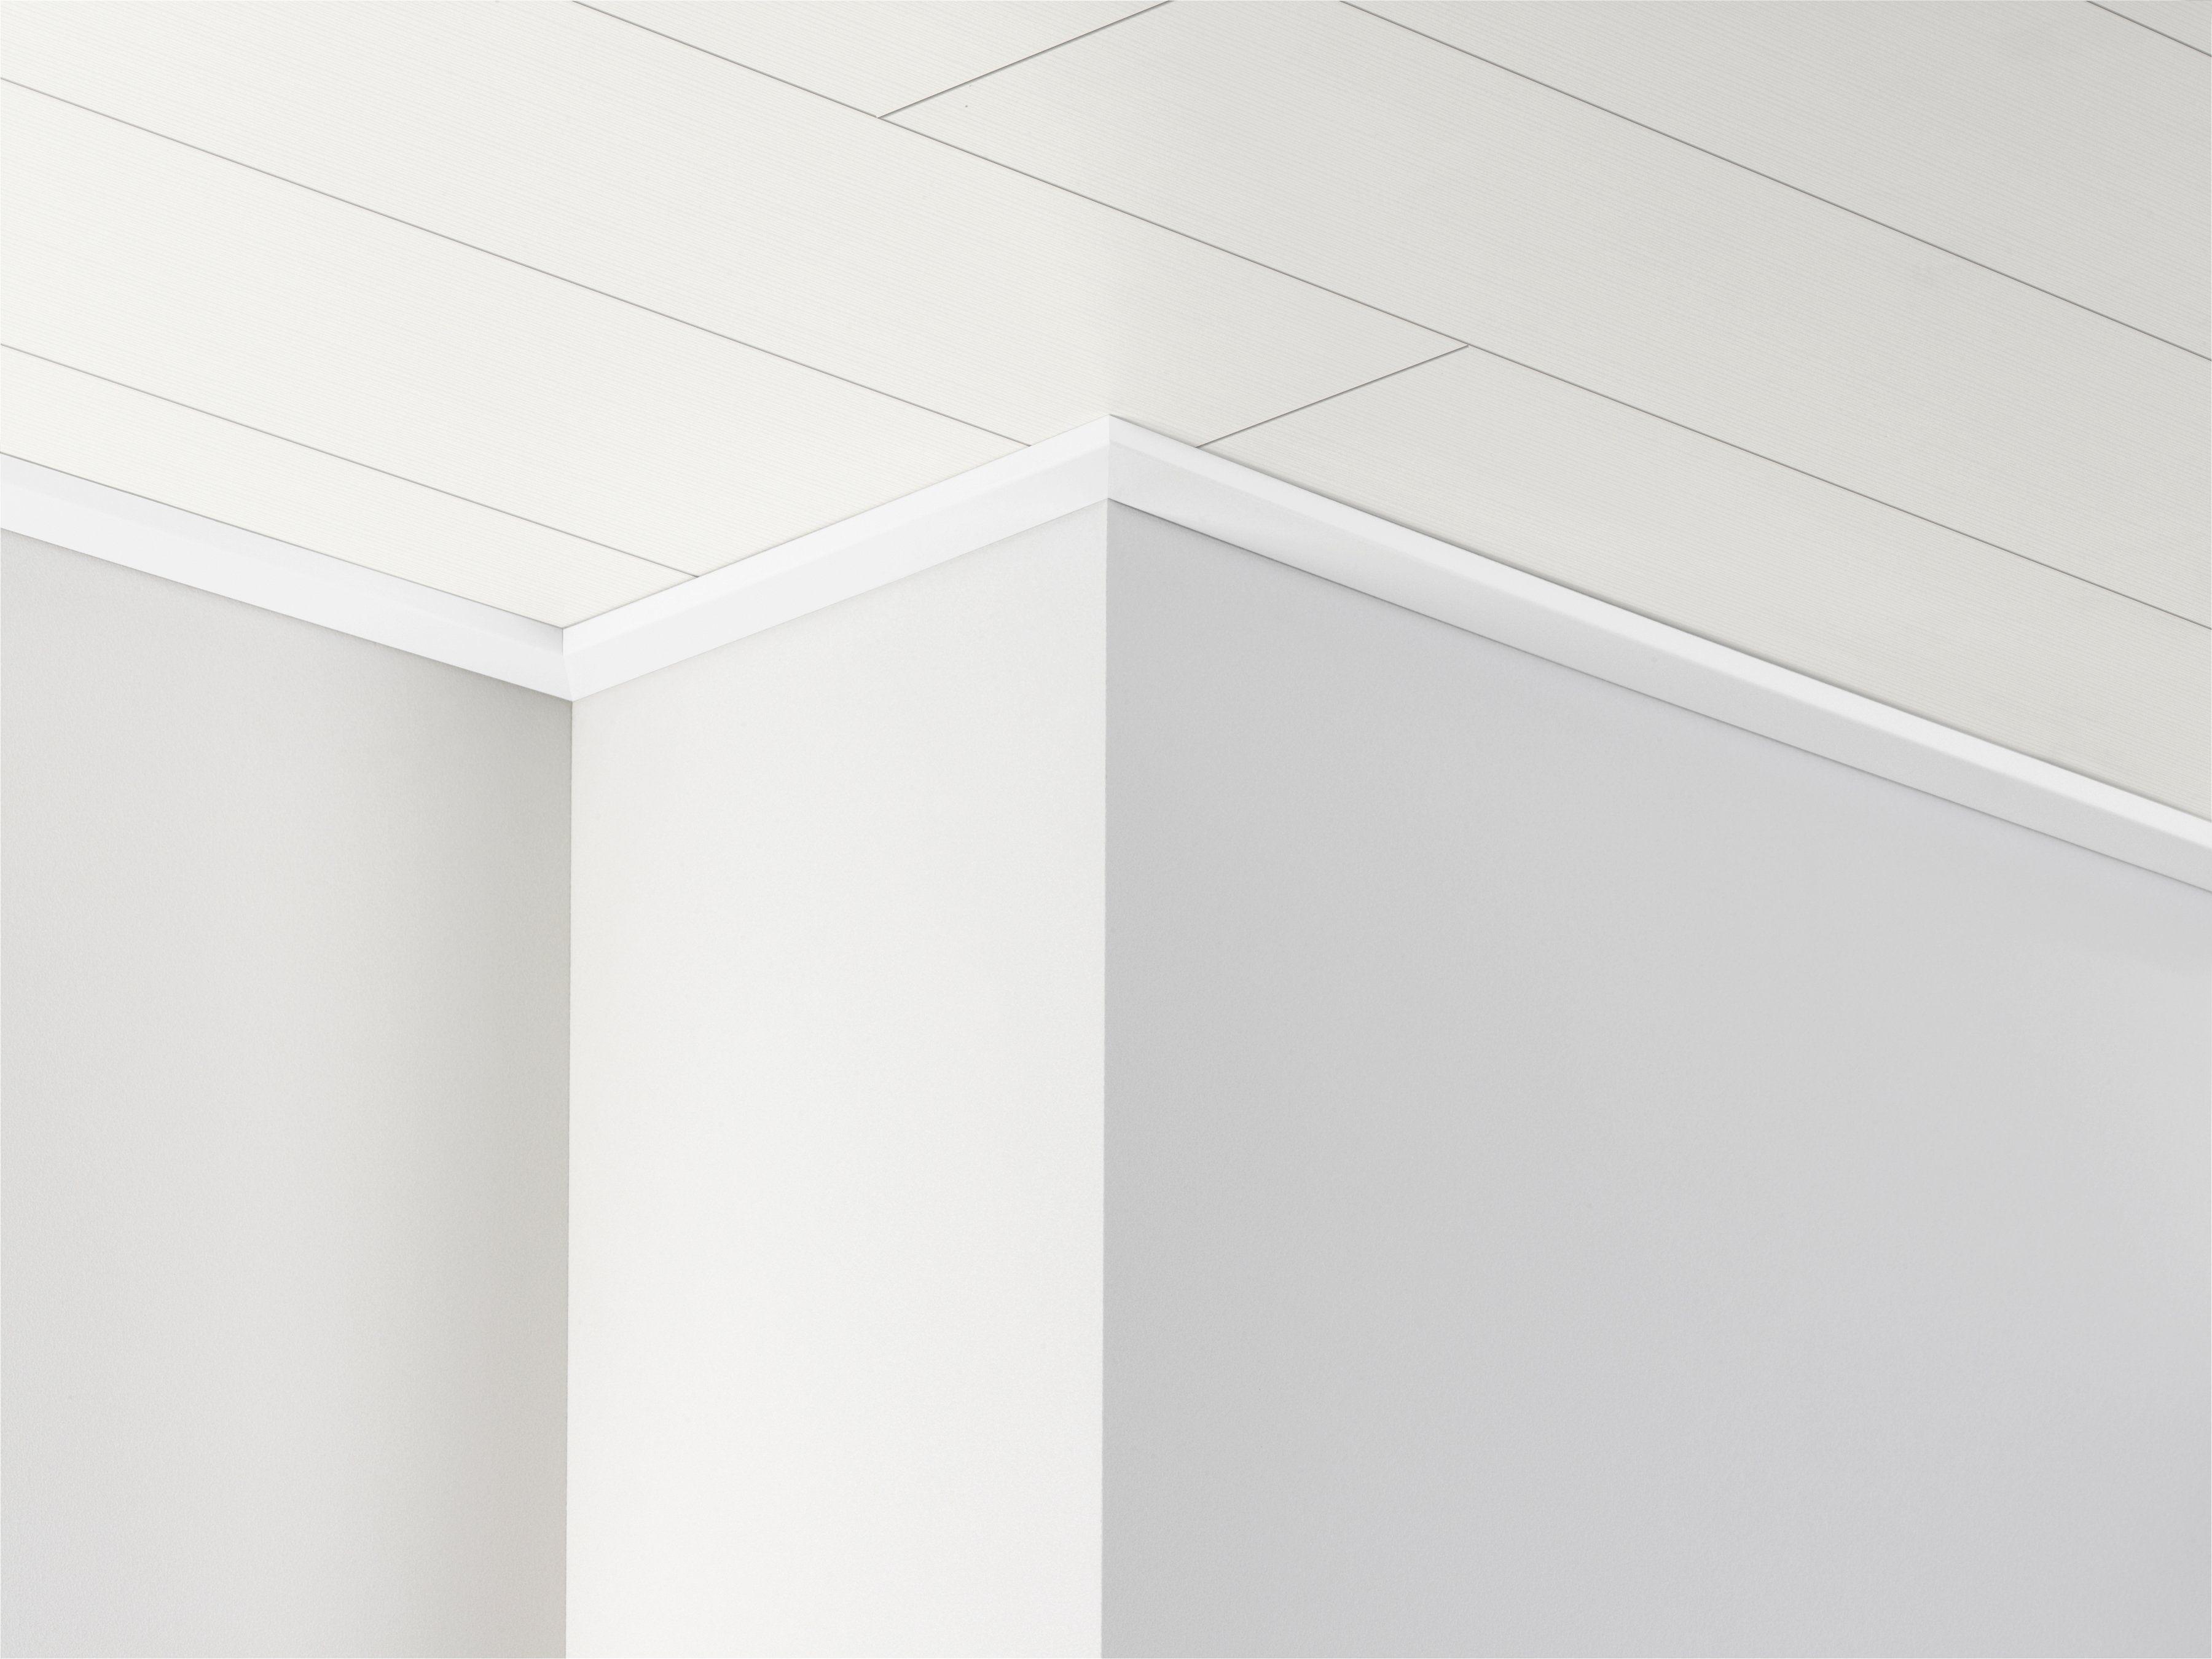 PARADOR Deckenleiste »DAL 3 - Weiß Hochglanz Dekor«, 2570 x 34 x 12 mm